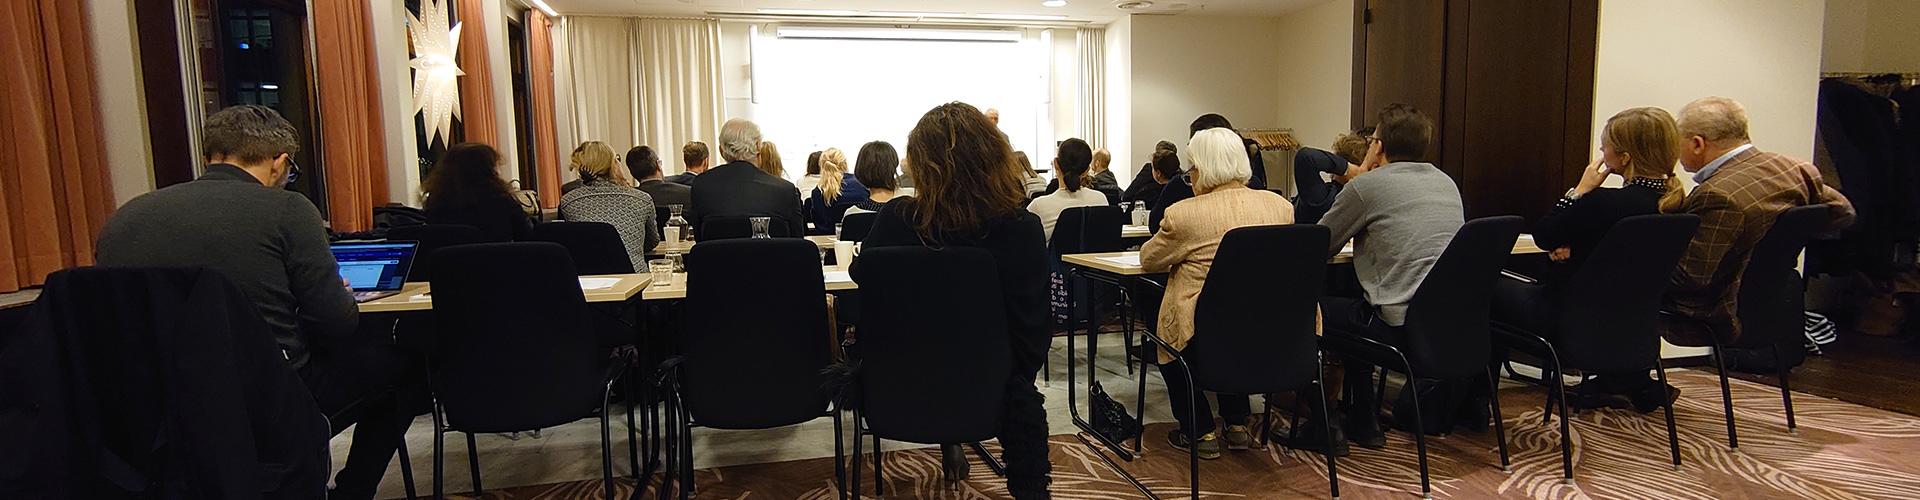 människor som sitter vid bord och lyssnar på föreläsning